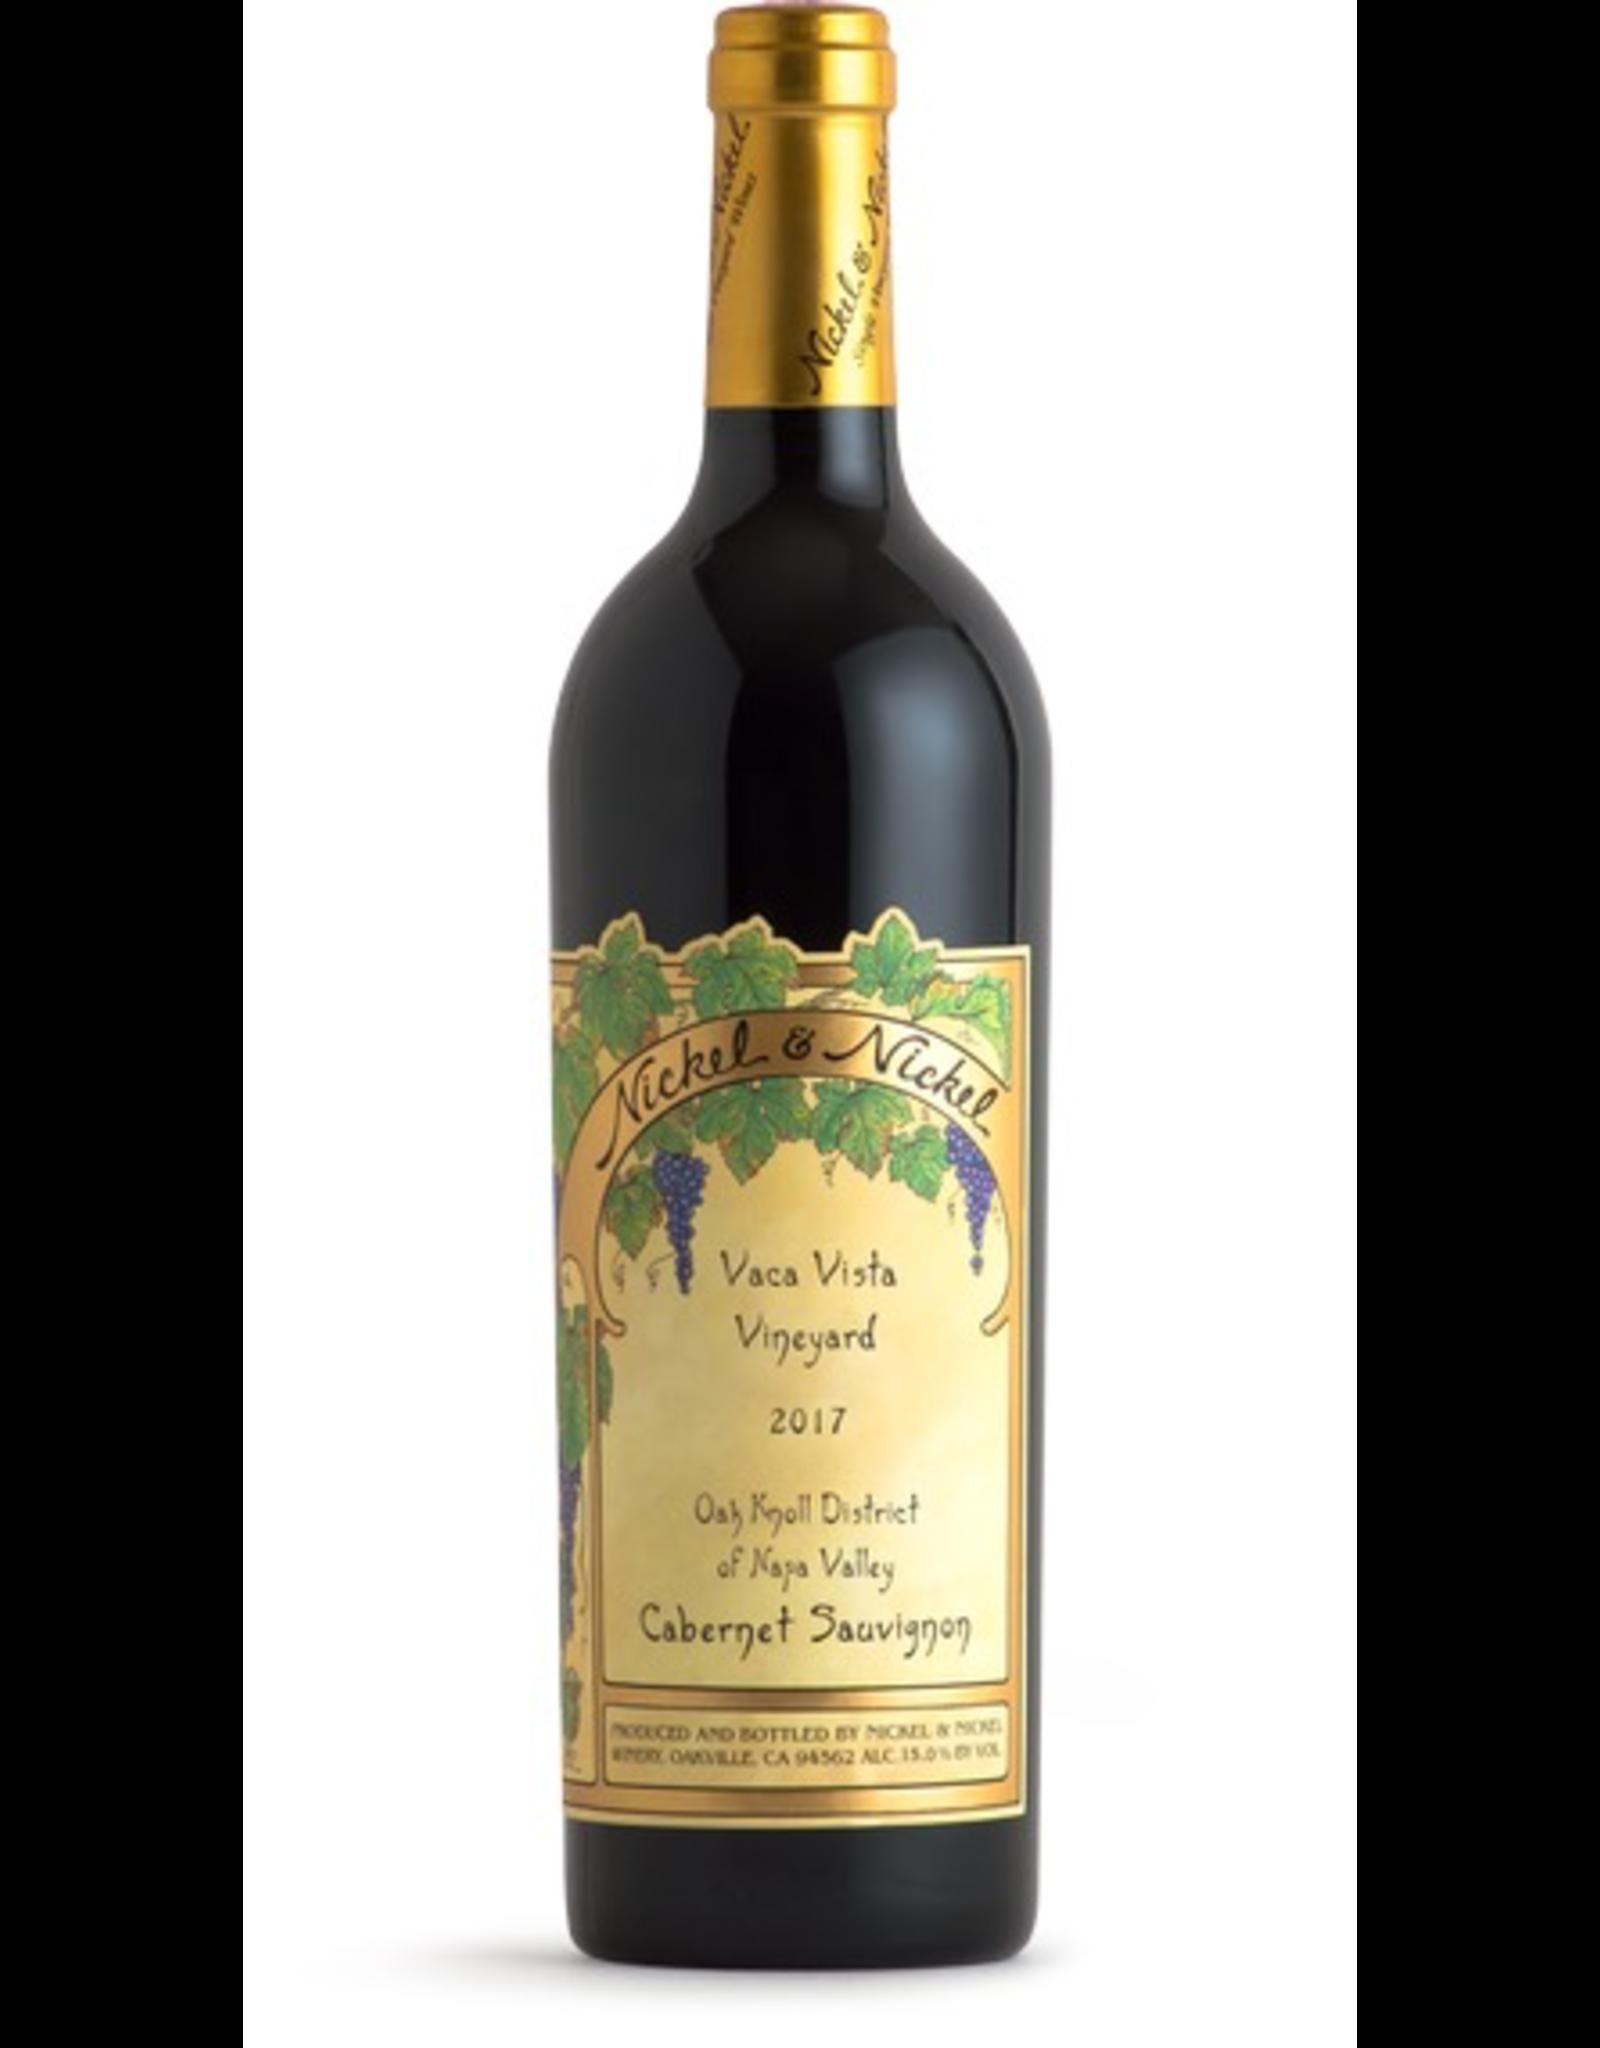 Red Wine 2017, Nickel & Nickel Vaca Vista Vineyard, Cabernet Sauvignon, Oak Knoll, Napa Valley, California, 14.4% Alc, CT89.8